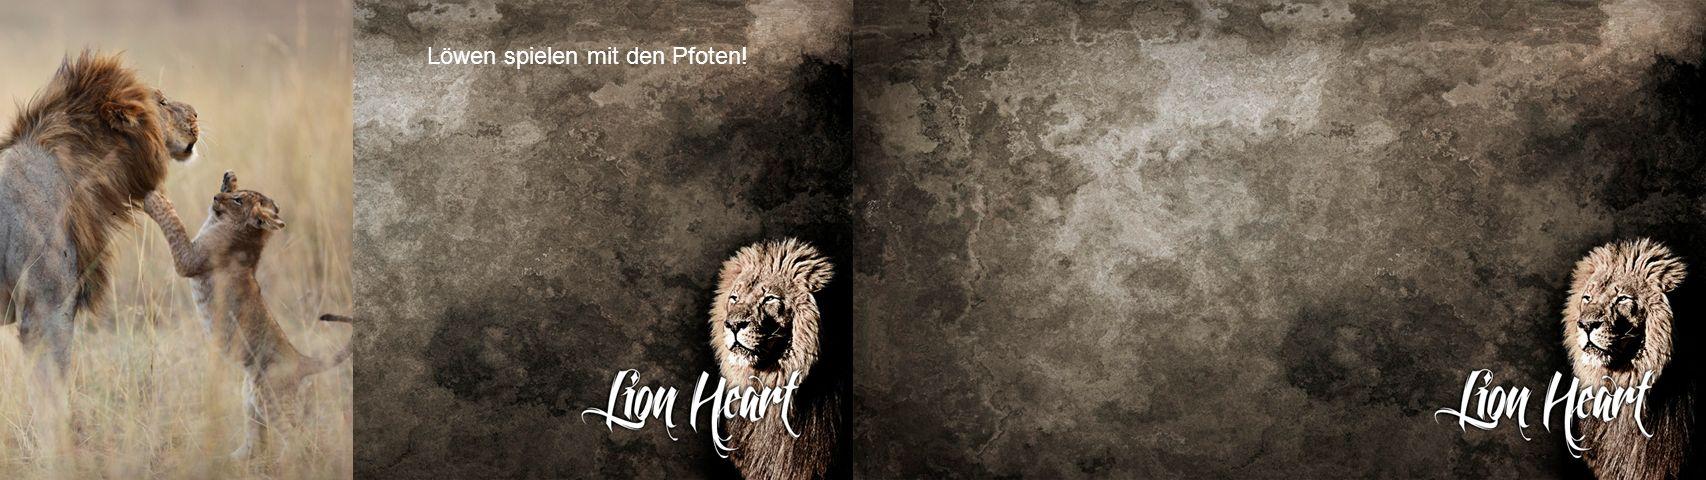 Löwen spielen mit den Pfoten!